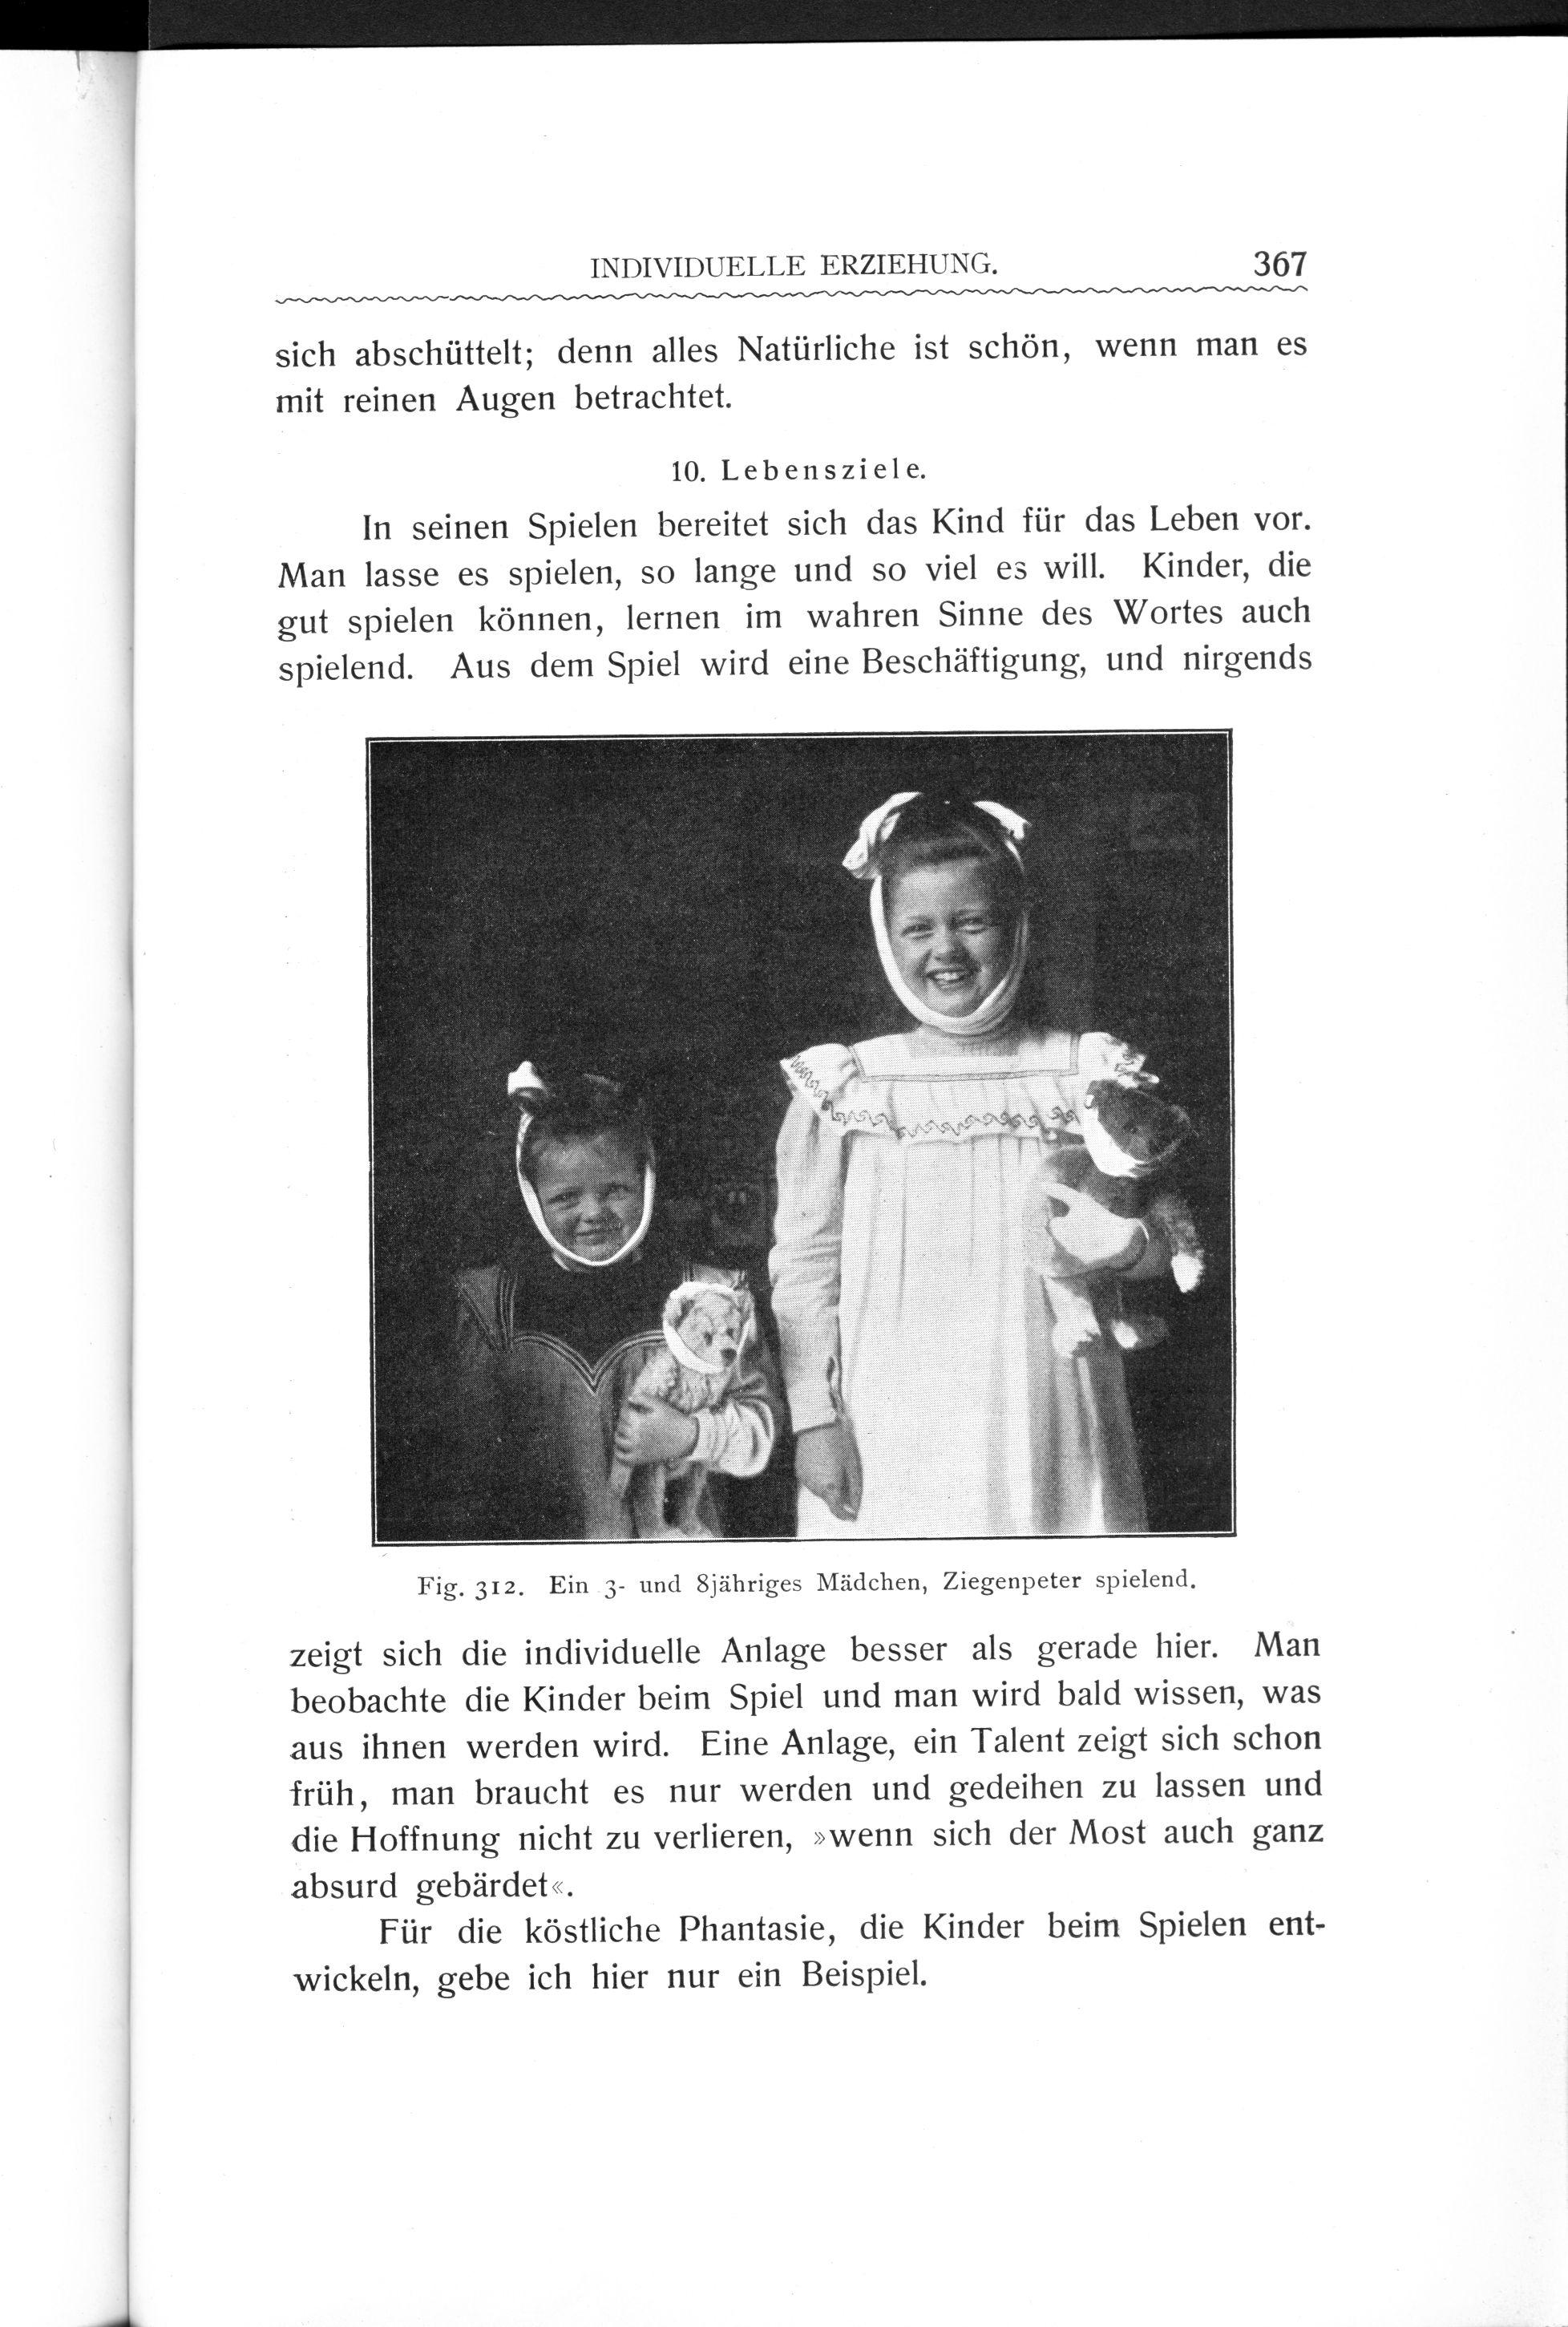 File:Stratz Körper des Kindes 3 367.jpg - Wikimedia Commons